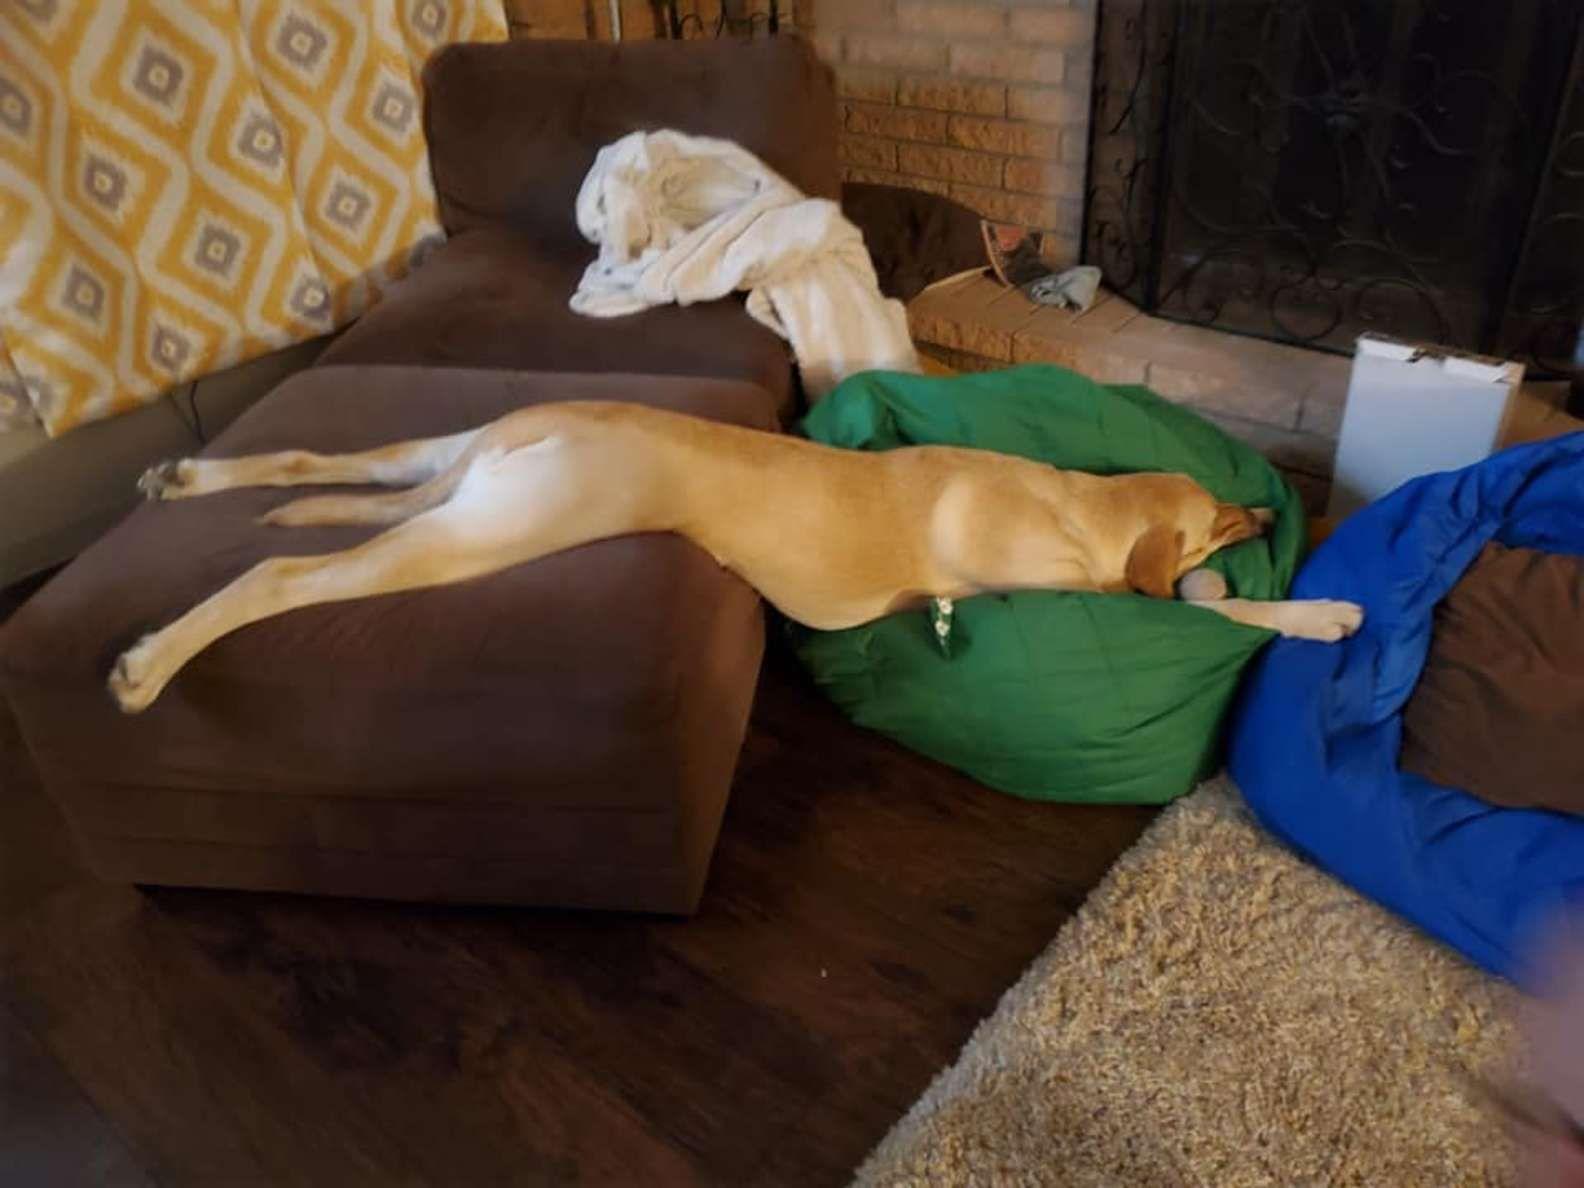 Cachorro sempre escolhe as posições mais estranhas para seus cochilos